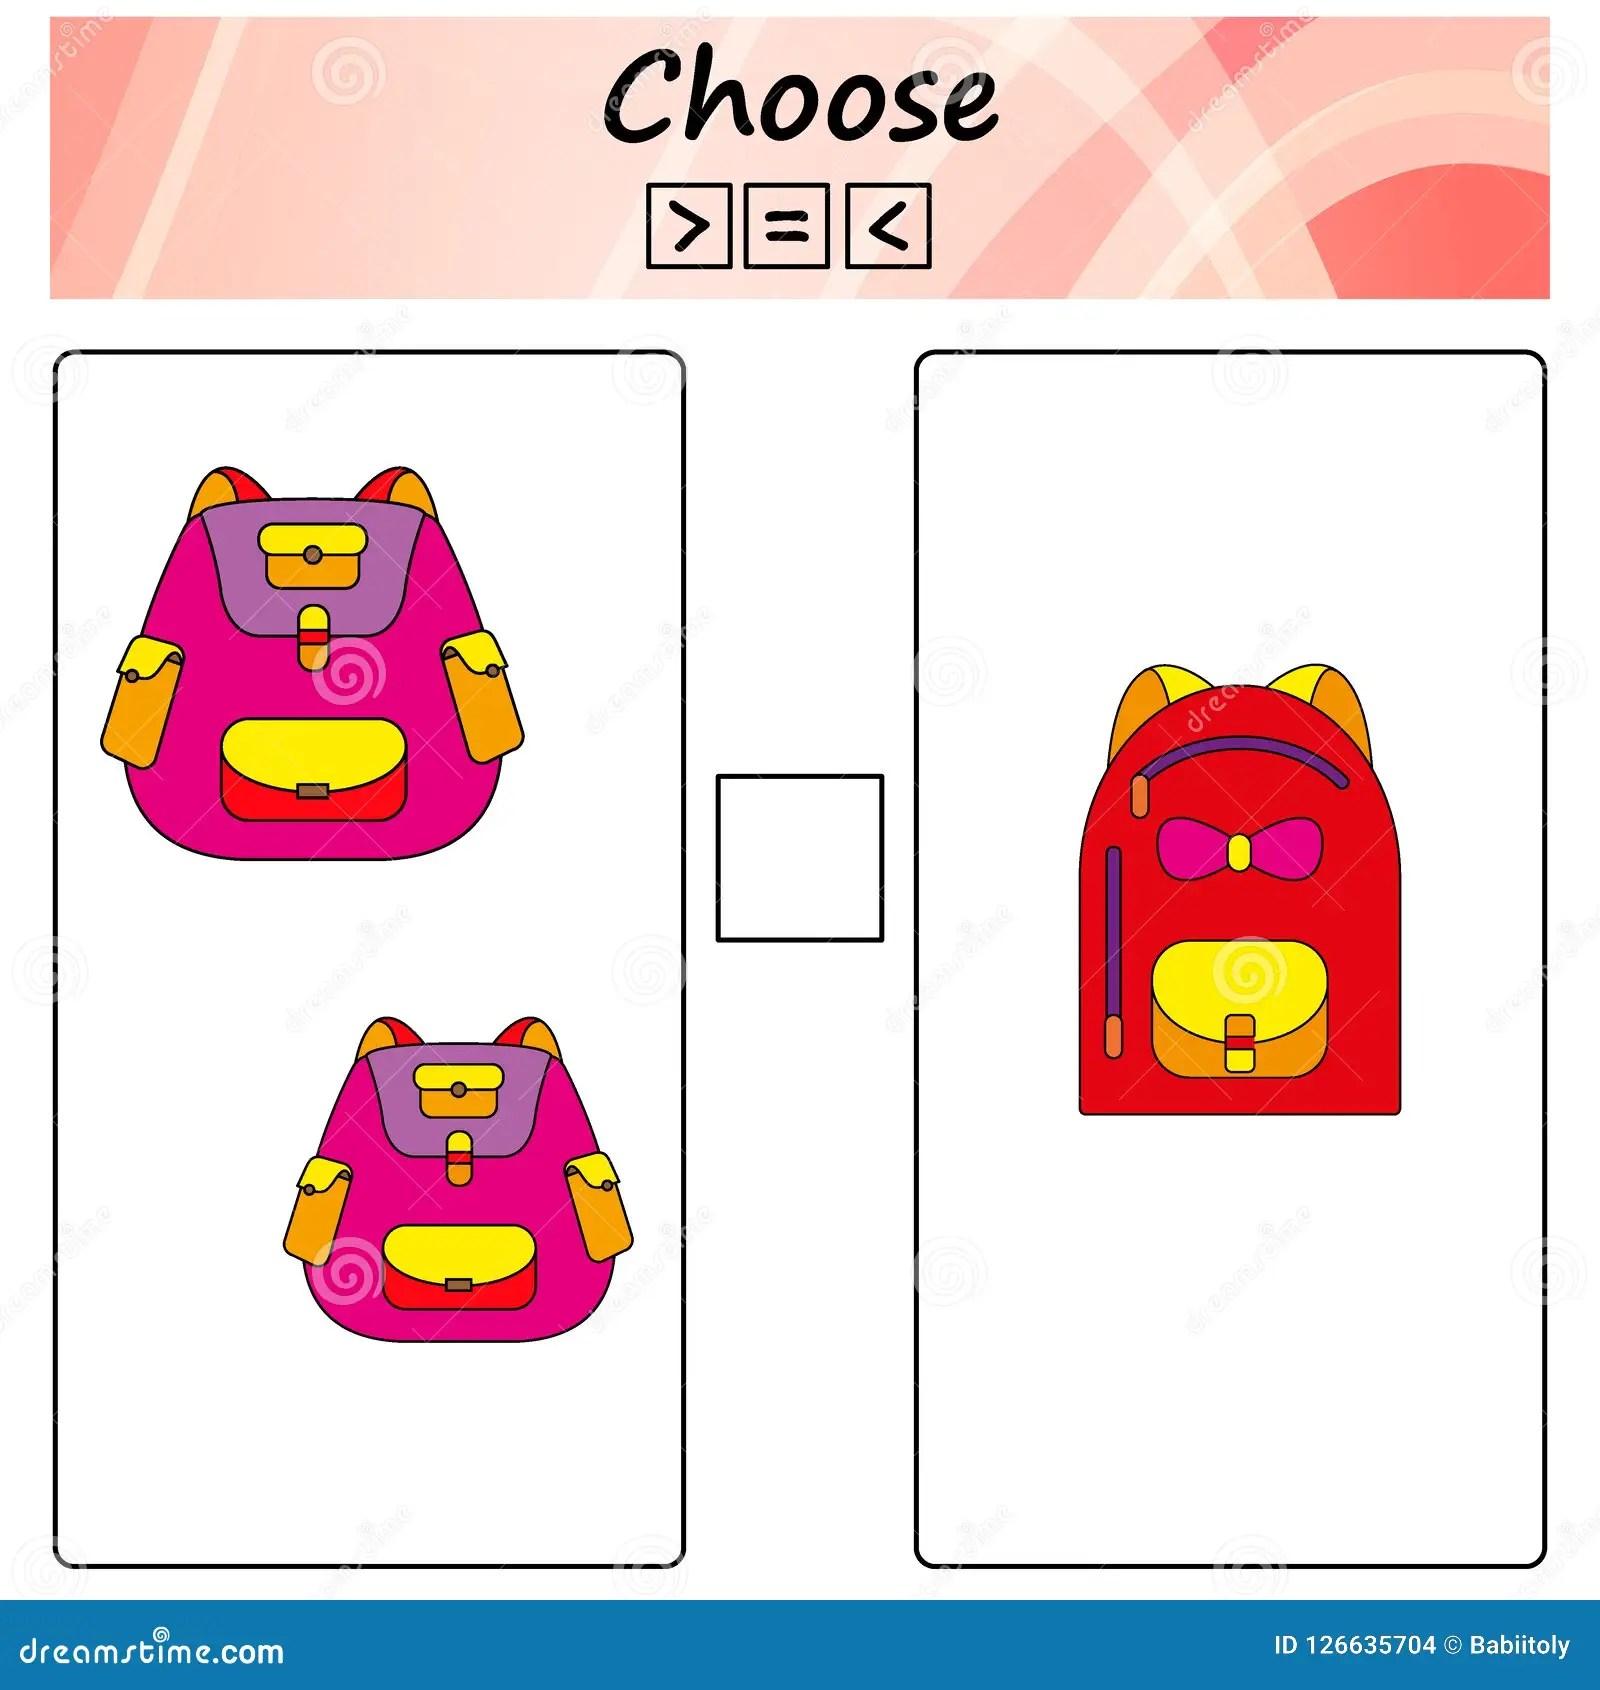 Worksheet Game For Kids